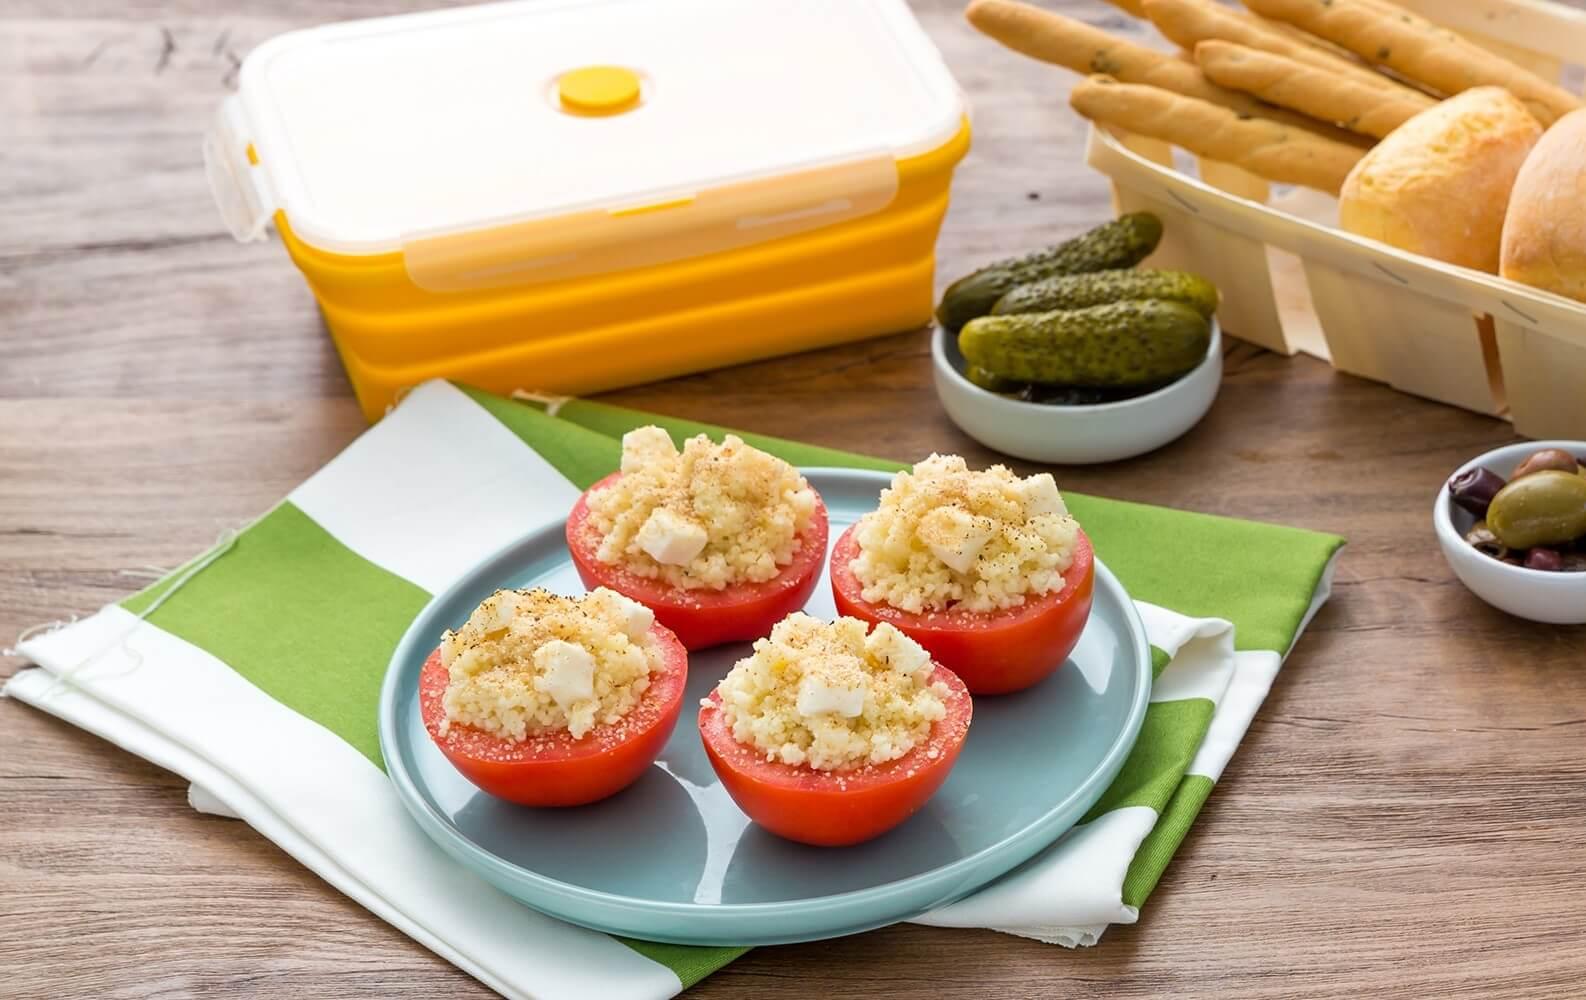 Chefkoch Schnelle Küche | Recette Tomaten Mit Couscous Und Mozzarella Gefullt Einfache